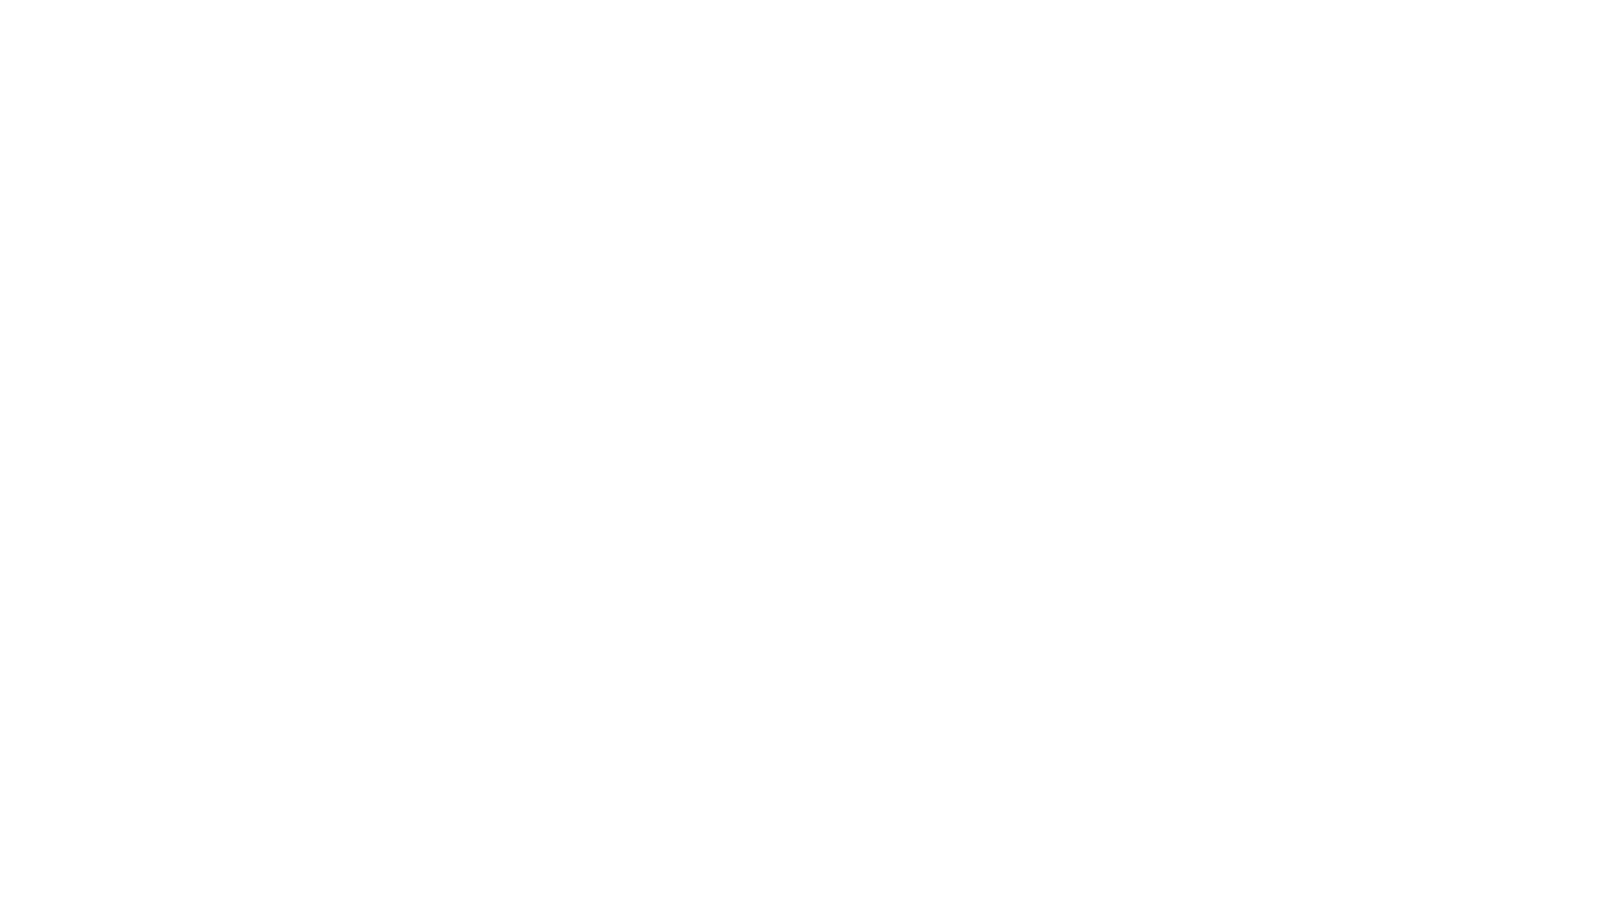 """Il vasto repertorio, frutto dell'esperienza accumulata nel tempo (il 7 Giugno 2024 il Coro compie 50 anni), comprende brani di vario genere che possono coprire diverse programmazioni ed è costituito da canti vari per la liturgia, polifonia classica e moderna di natura sacra o profana, laudi polifoniche dei secoli XVI – XVII – XVIII, mottetti, madrigali, corali, negro-spirituals, canti popolari di molte regioni d'Italia, l'intera raccolta dei """"Balletti di Giangiacomo Gastoldi"""" a tre voci, nonché una grande raccolta di canti gregoriani classificati per tematica."""